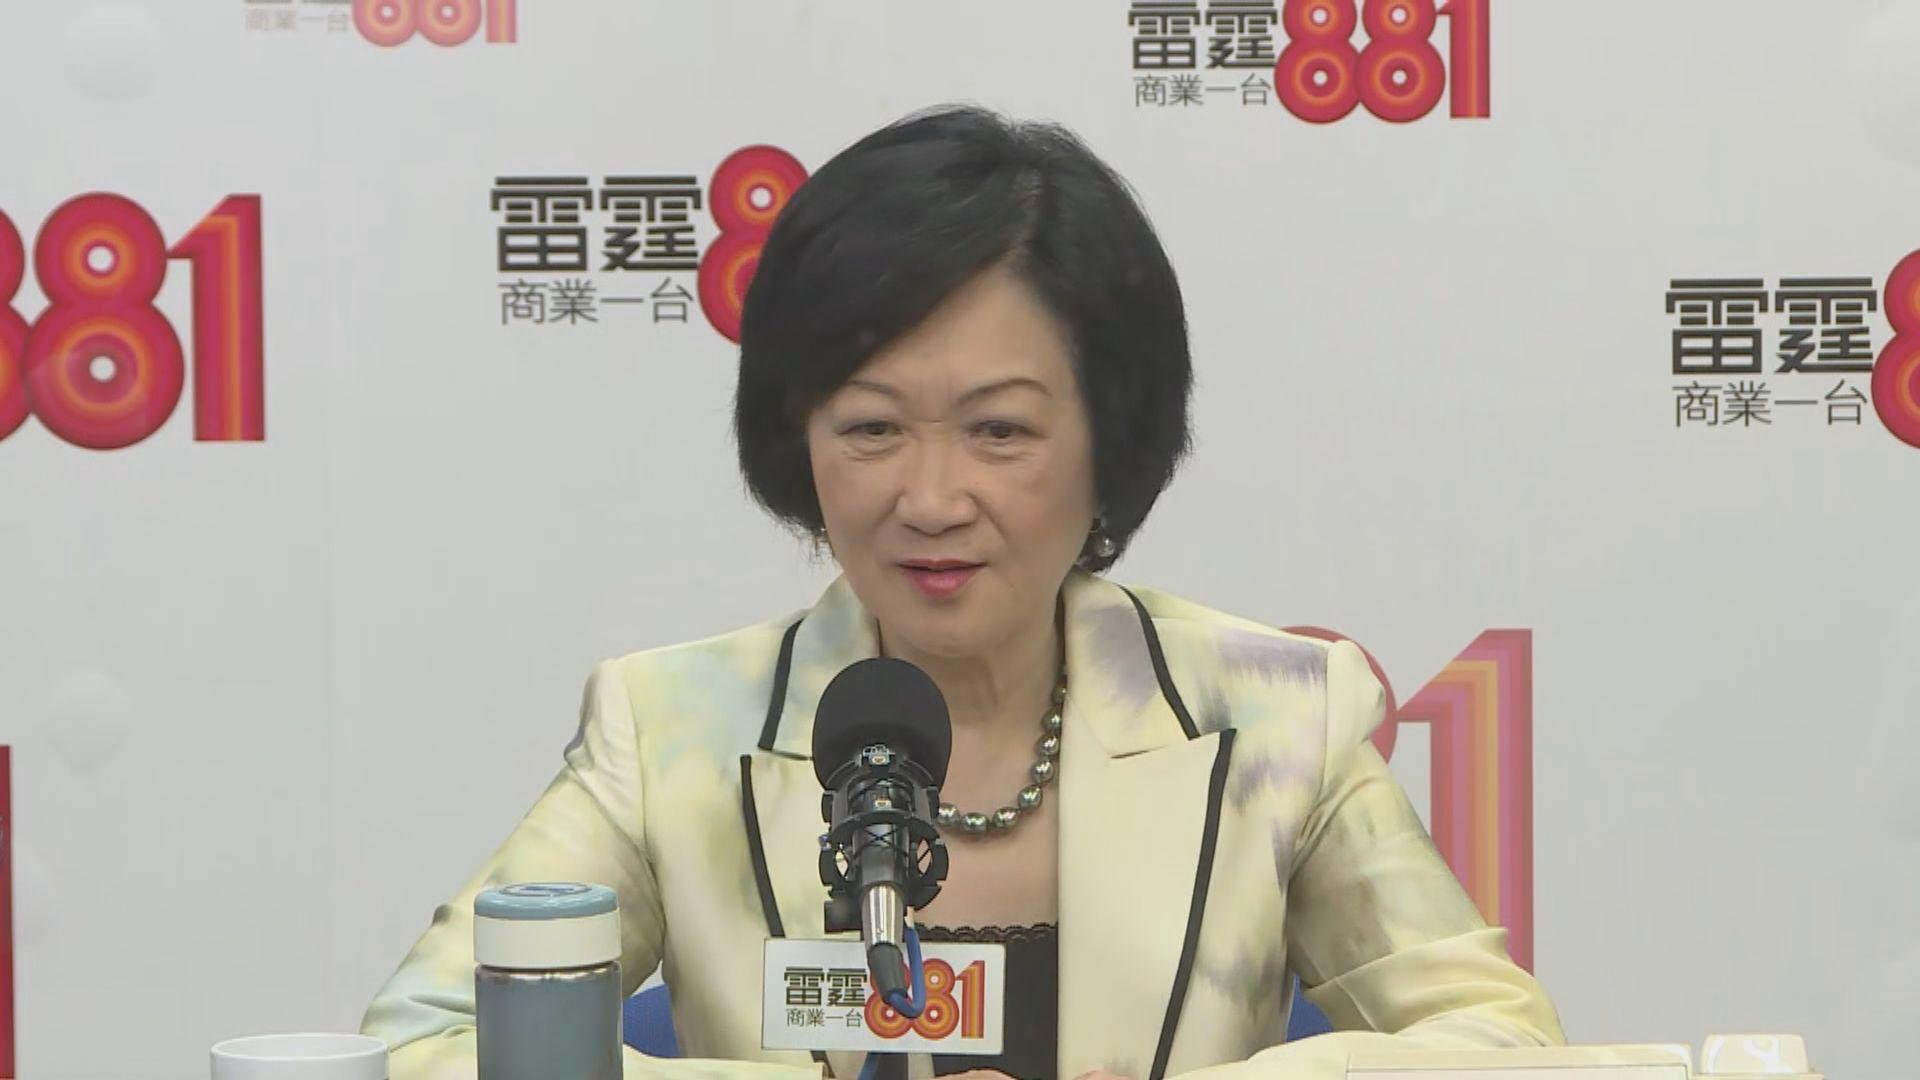 葉劉淑儀:冀通過《香港人權與民主法案》推動民主發展想法單純